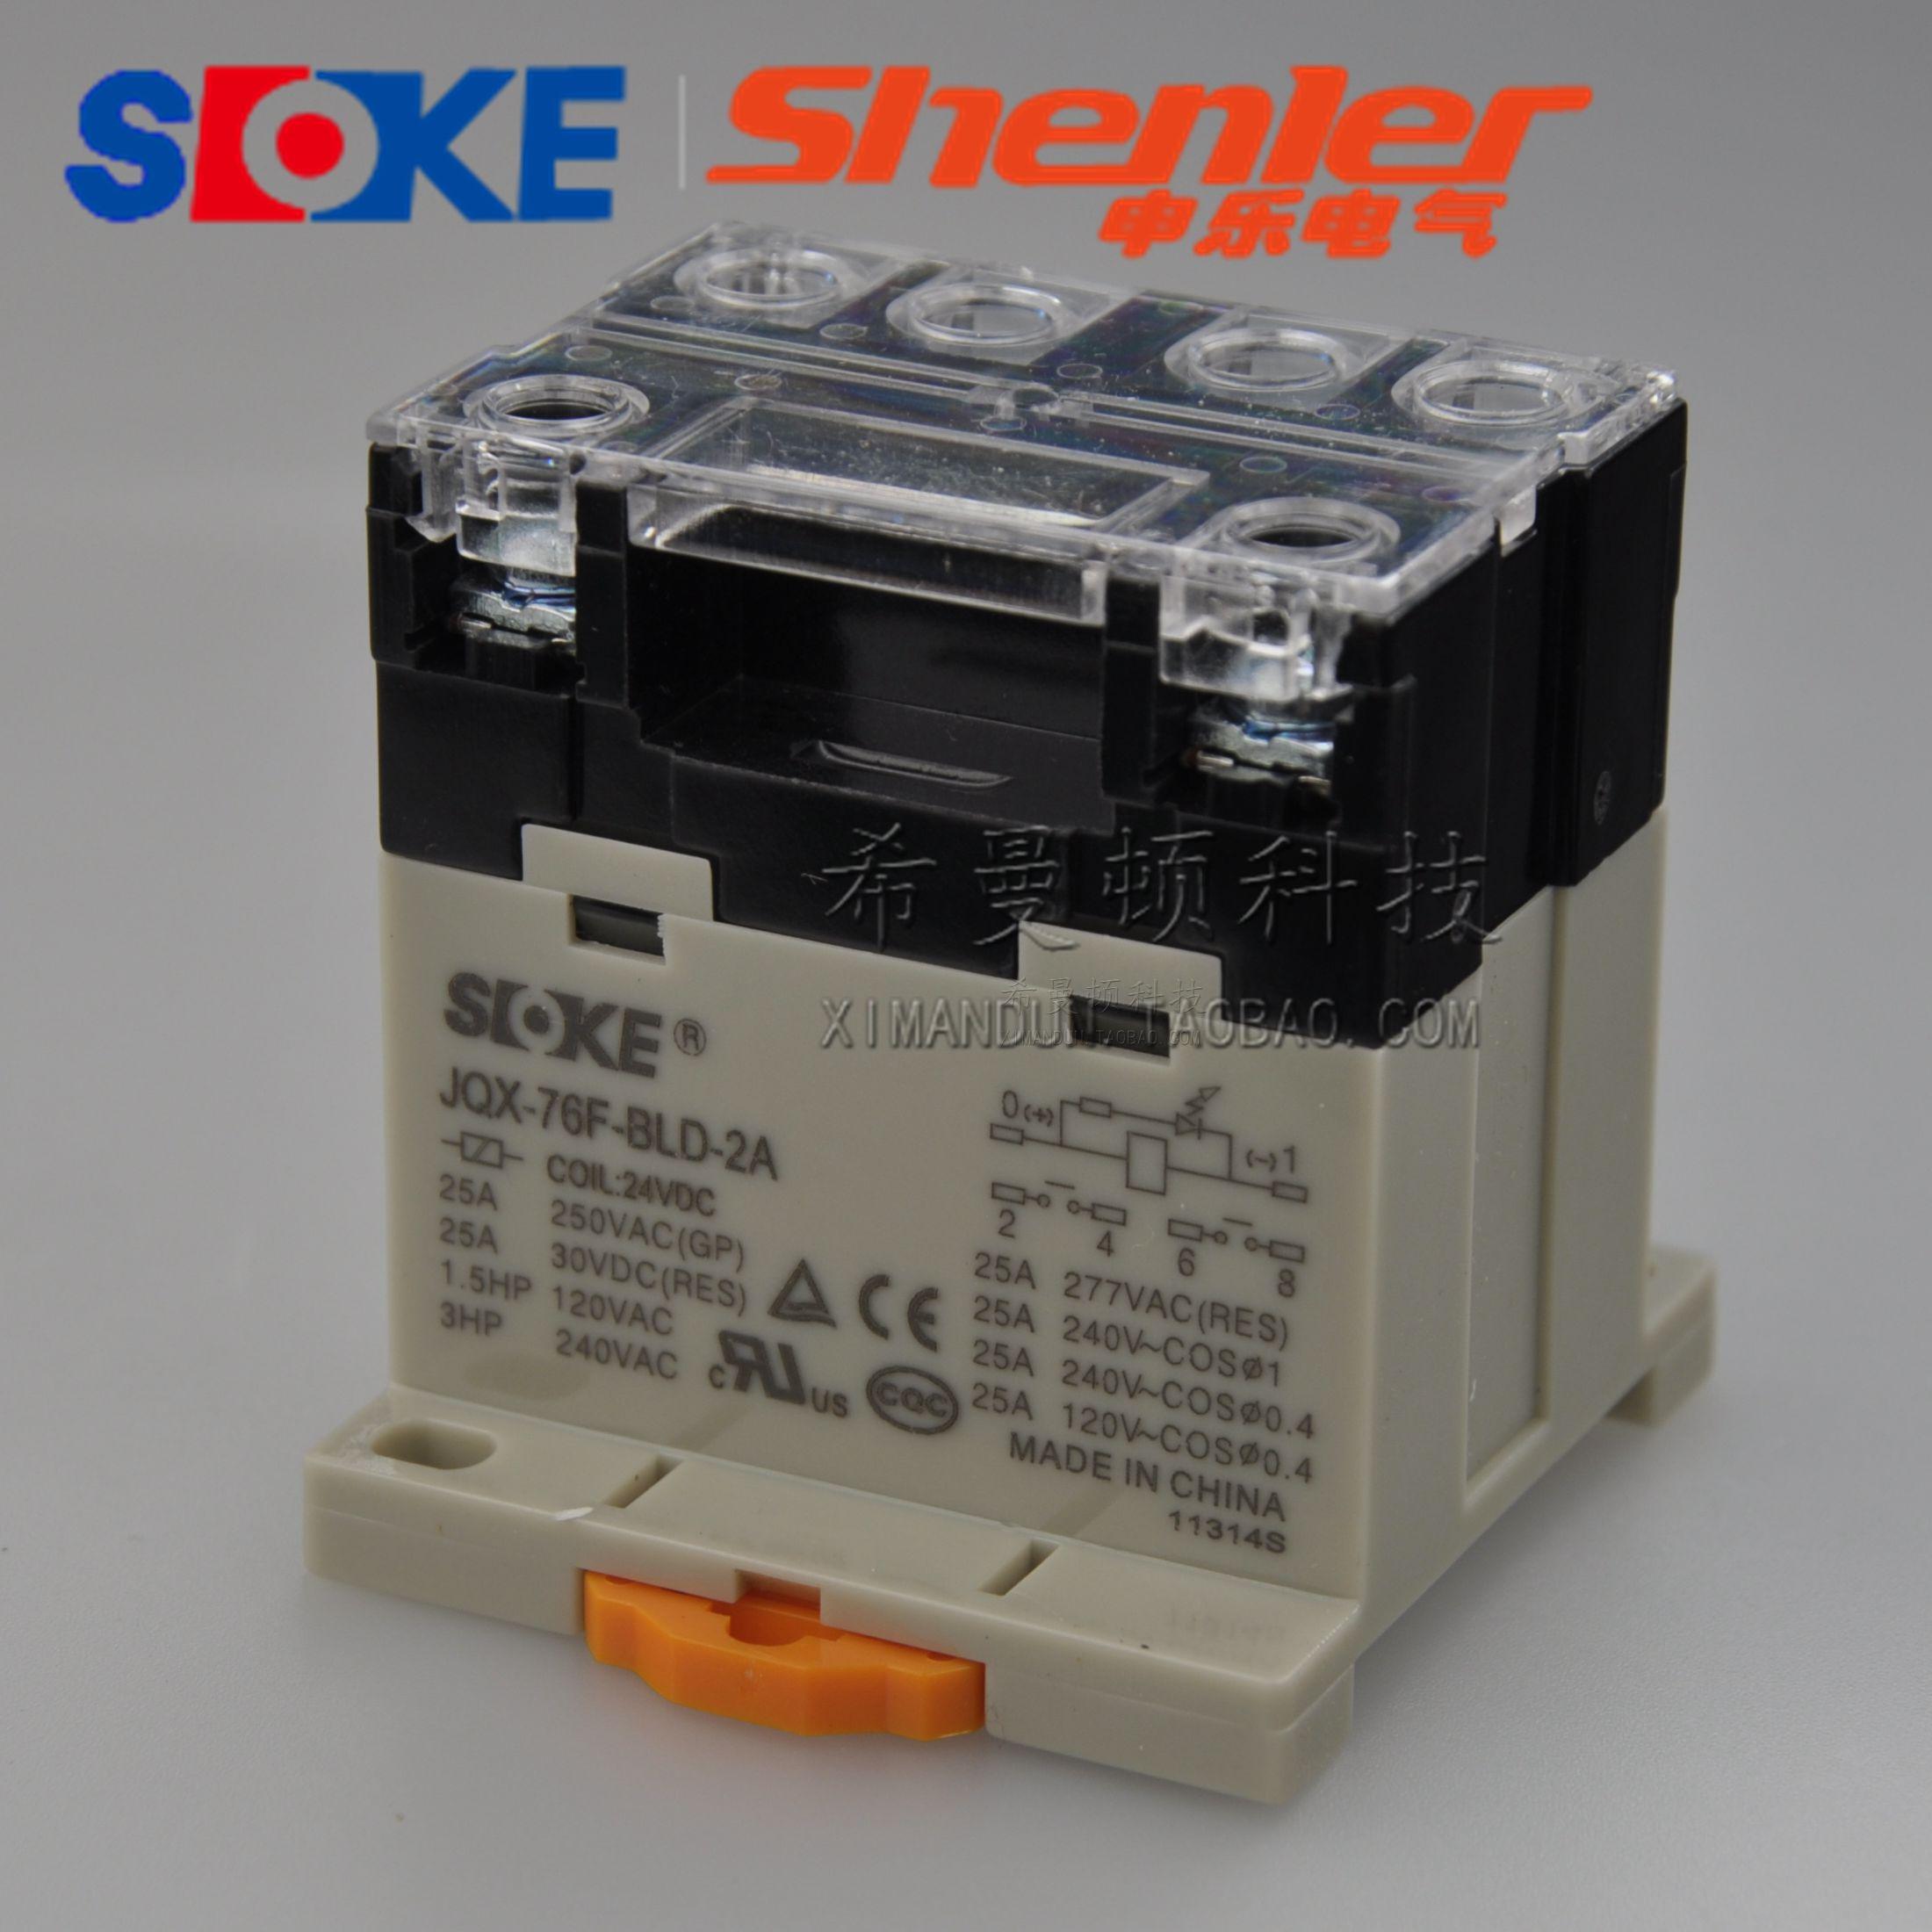 Реле электромагнитное Sloke Shen Le SLOKE JQX-76F-BLD-2A DC24V 25A G7L-2A-B